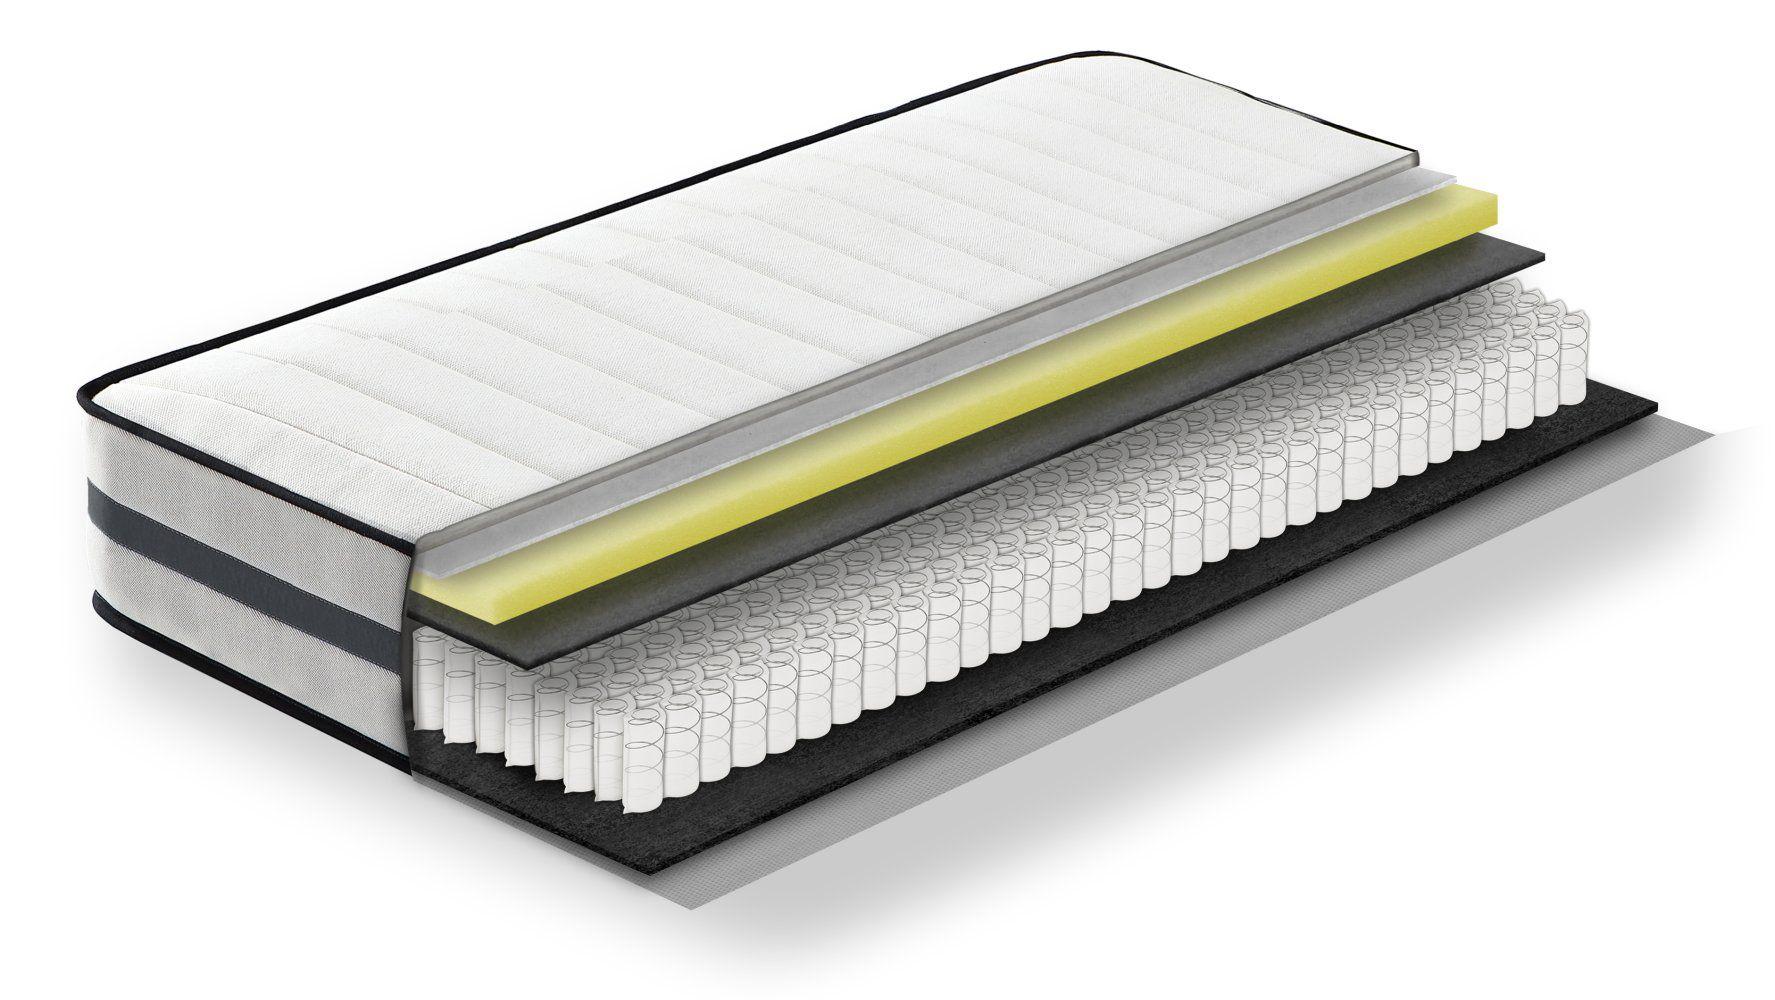 Steiner Premium matras Fantasy met pocketveren kern - afmeting: 90 x 200 cm, hardheidsgraad H2-H3, hoogte: 22,5 cm